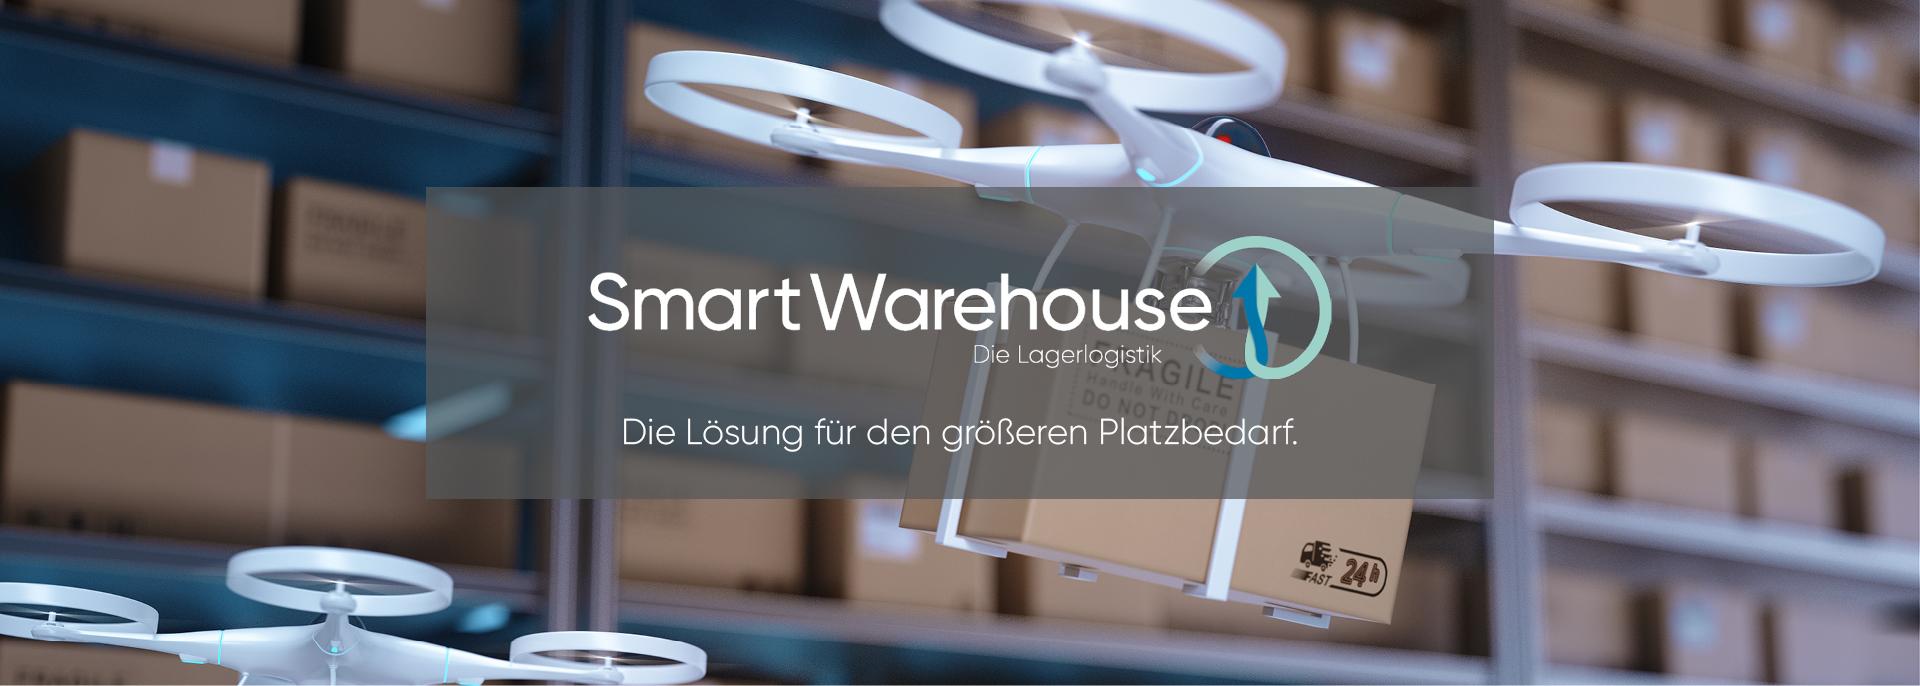 SmartWarehouse - eine Marke von Deventer